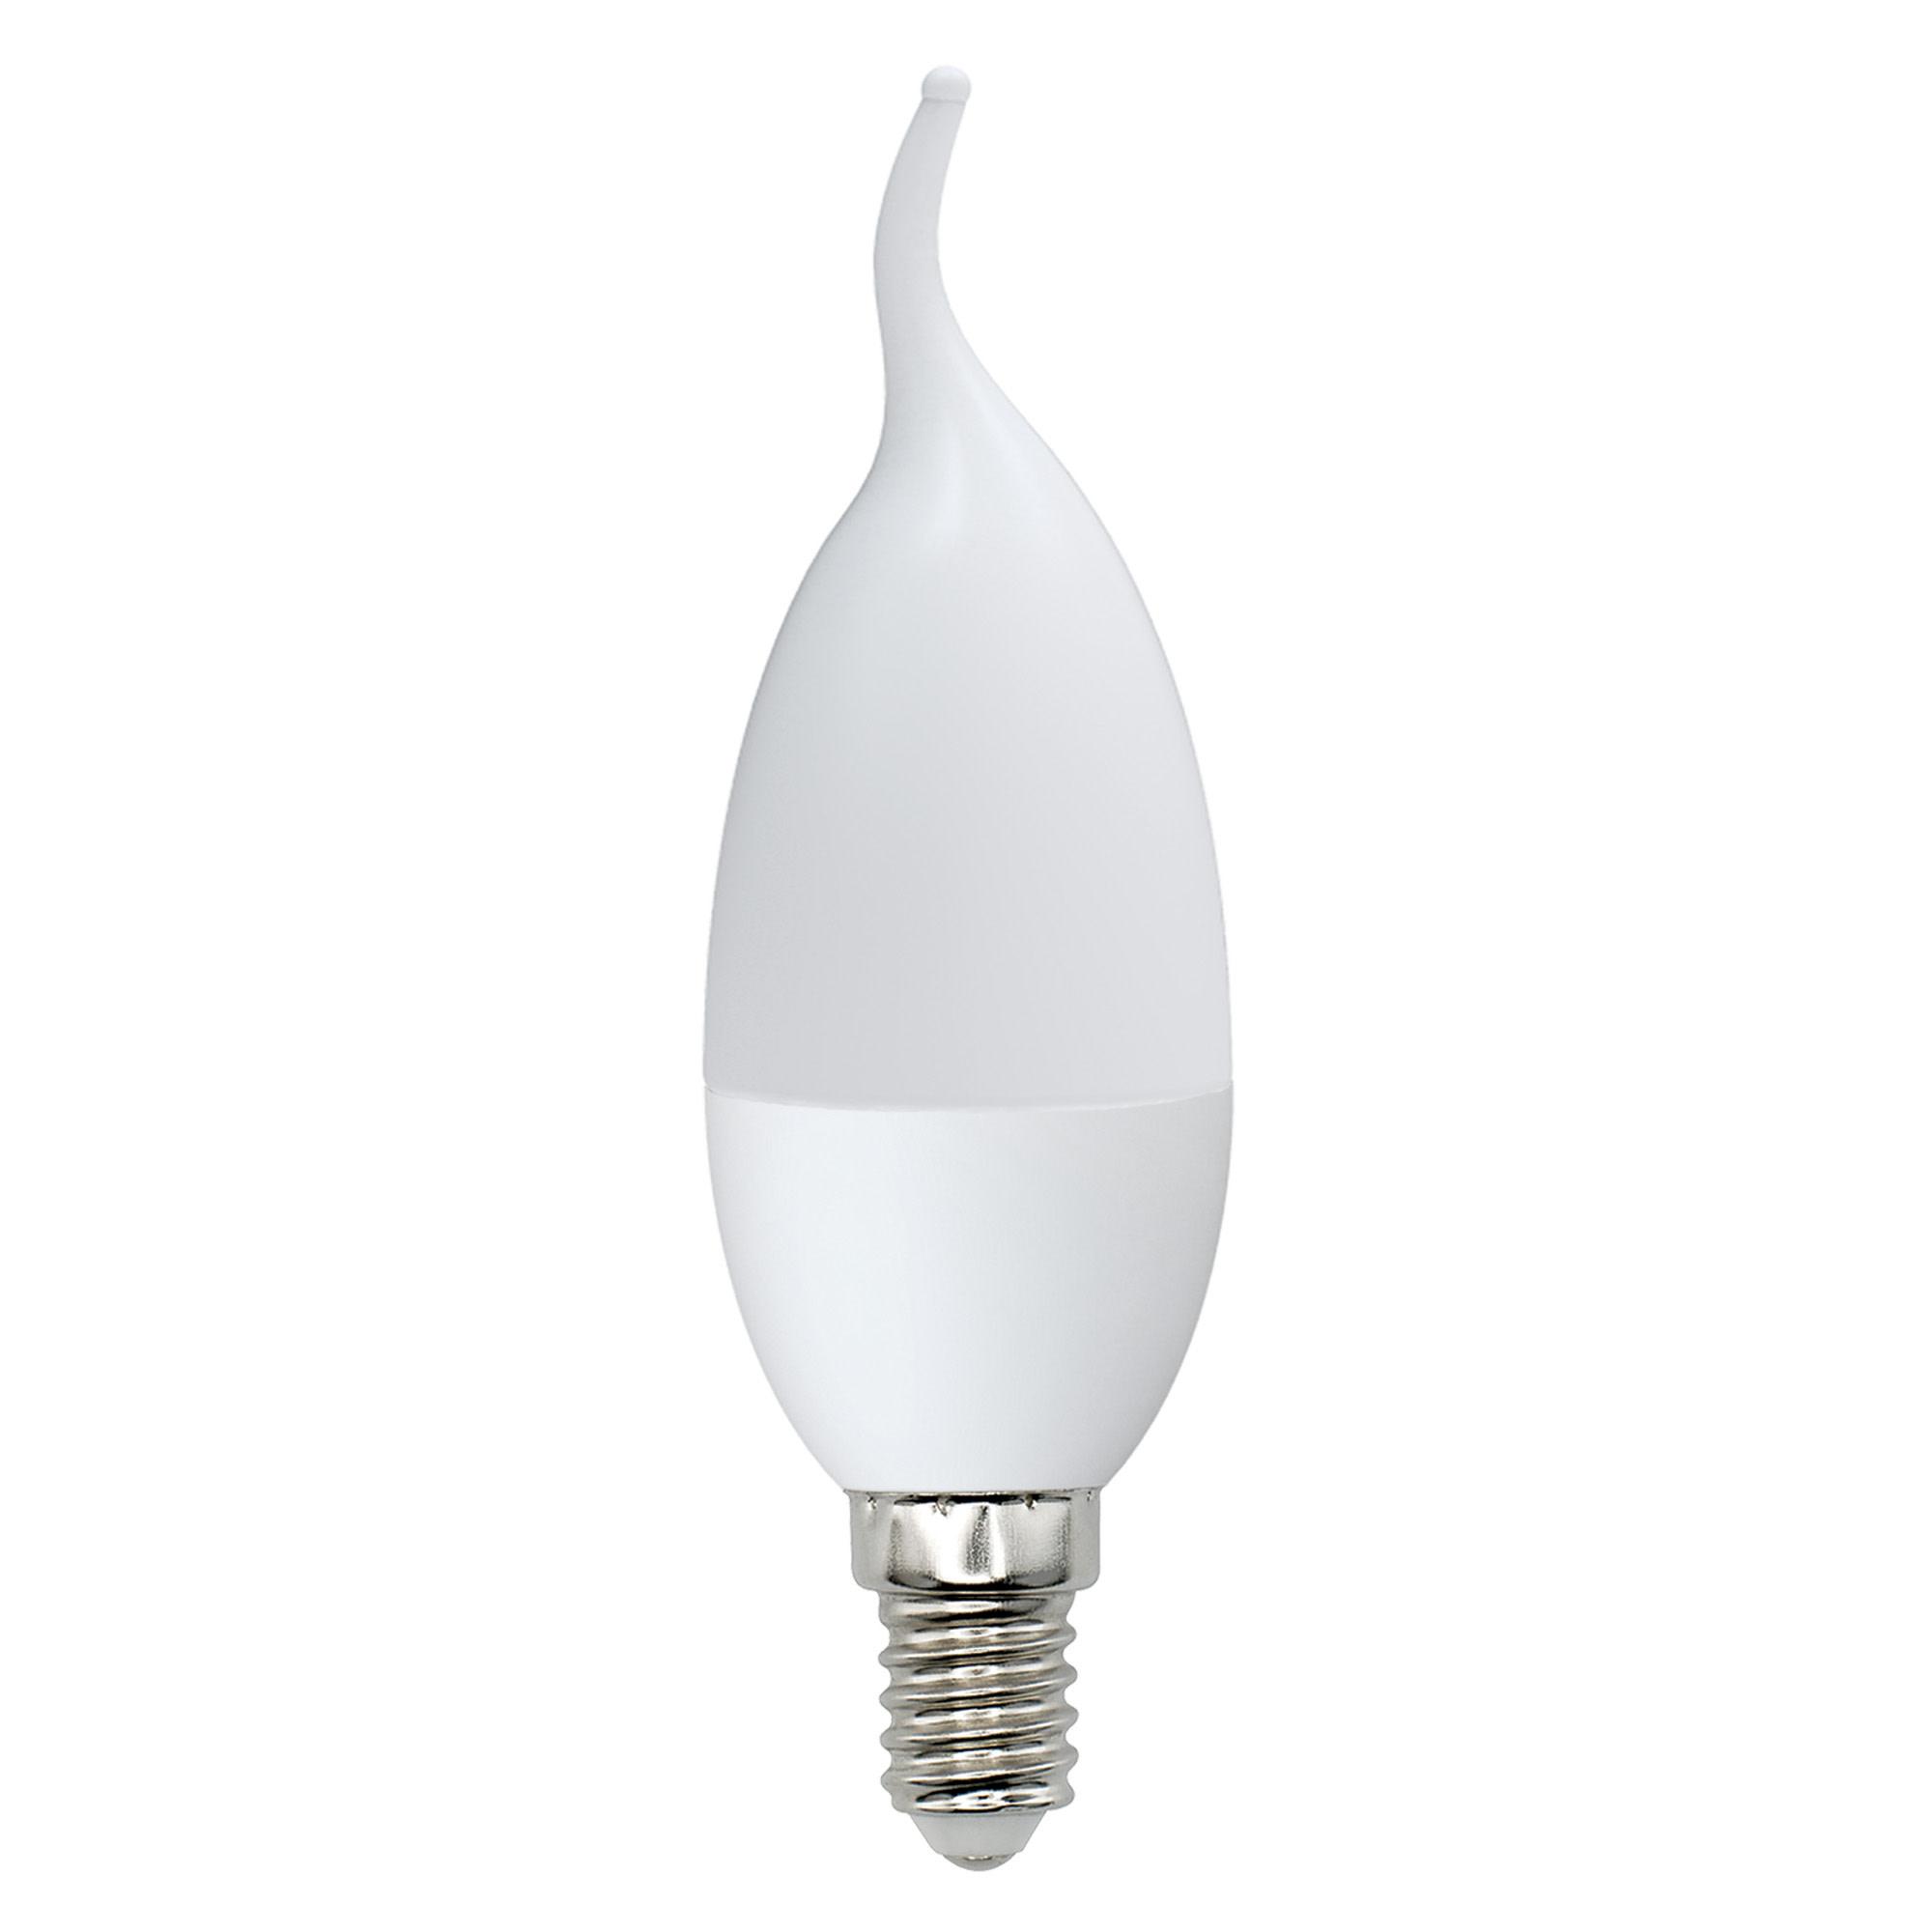 Лампа светодиодная Norma E14 220 В 7 Вт свеча на ветру матовая 600 лм тёплый белый свет